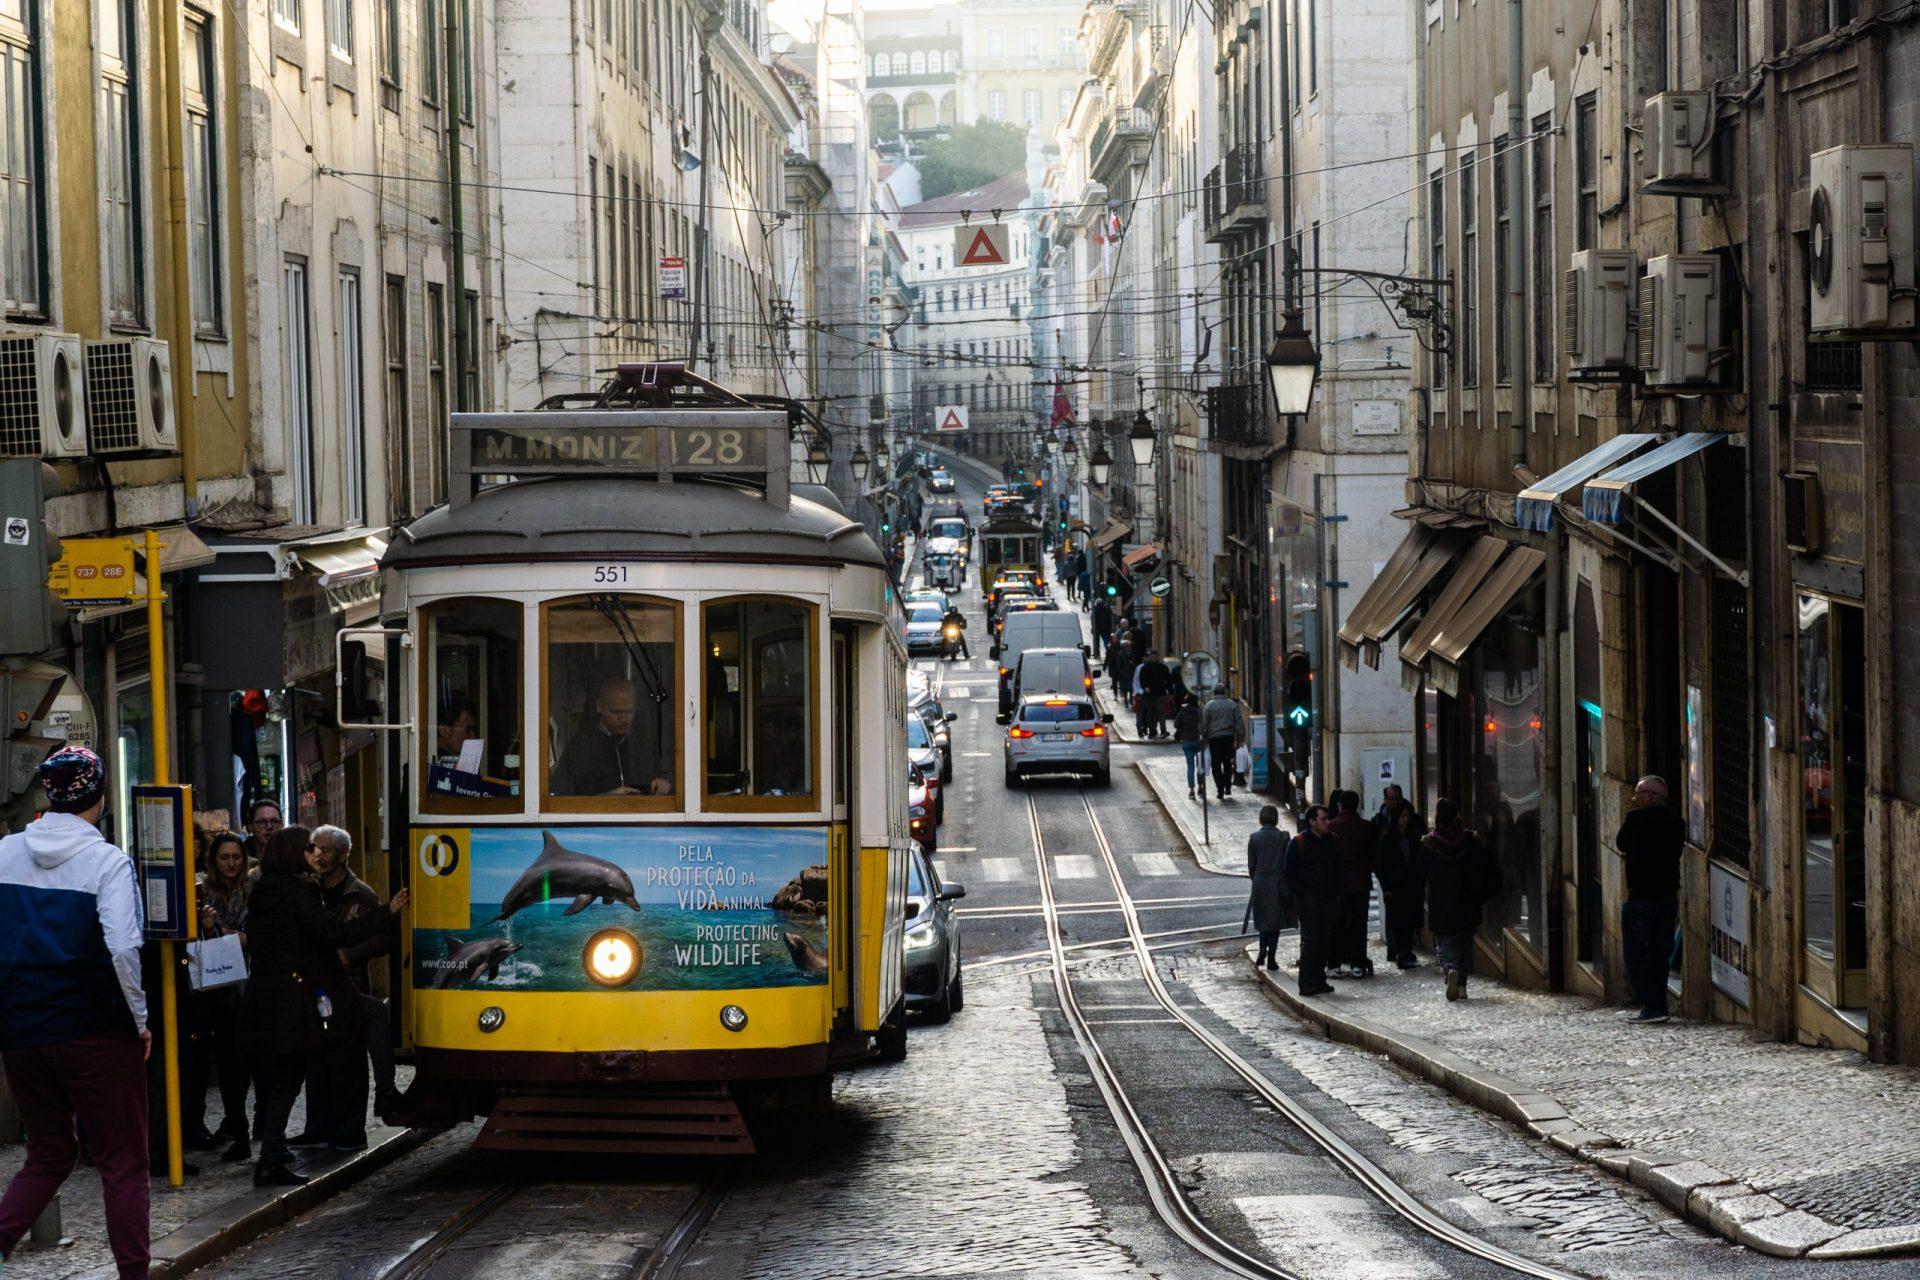 Hoogtepunten van Lissabon